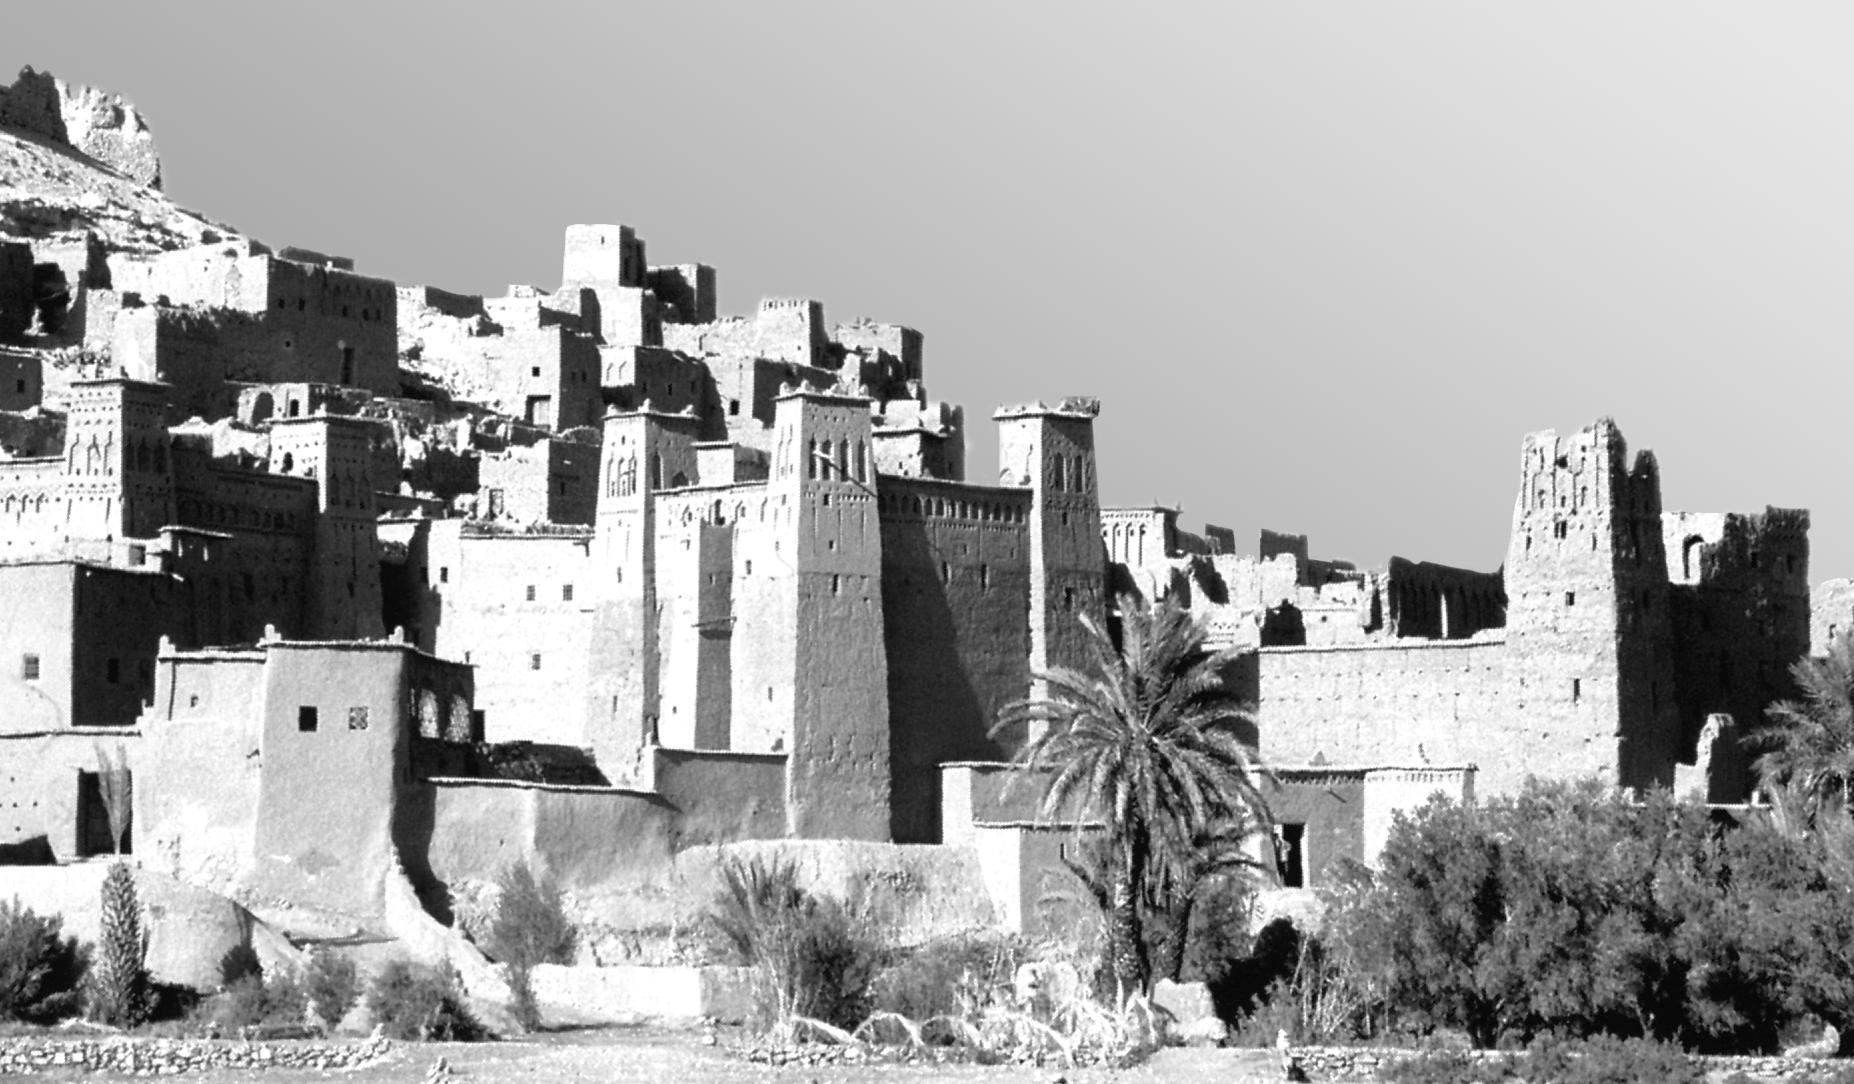 شهر قلعه ای درّه ی درا، مراکش